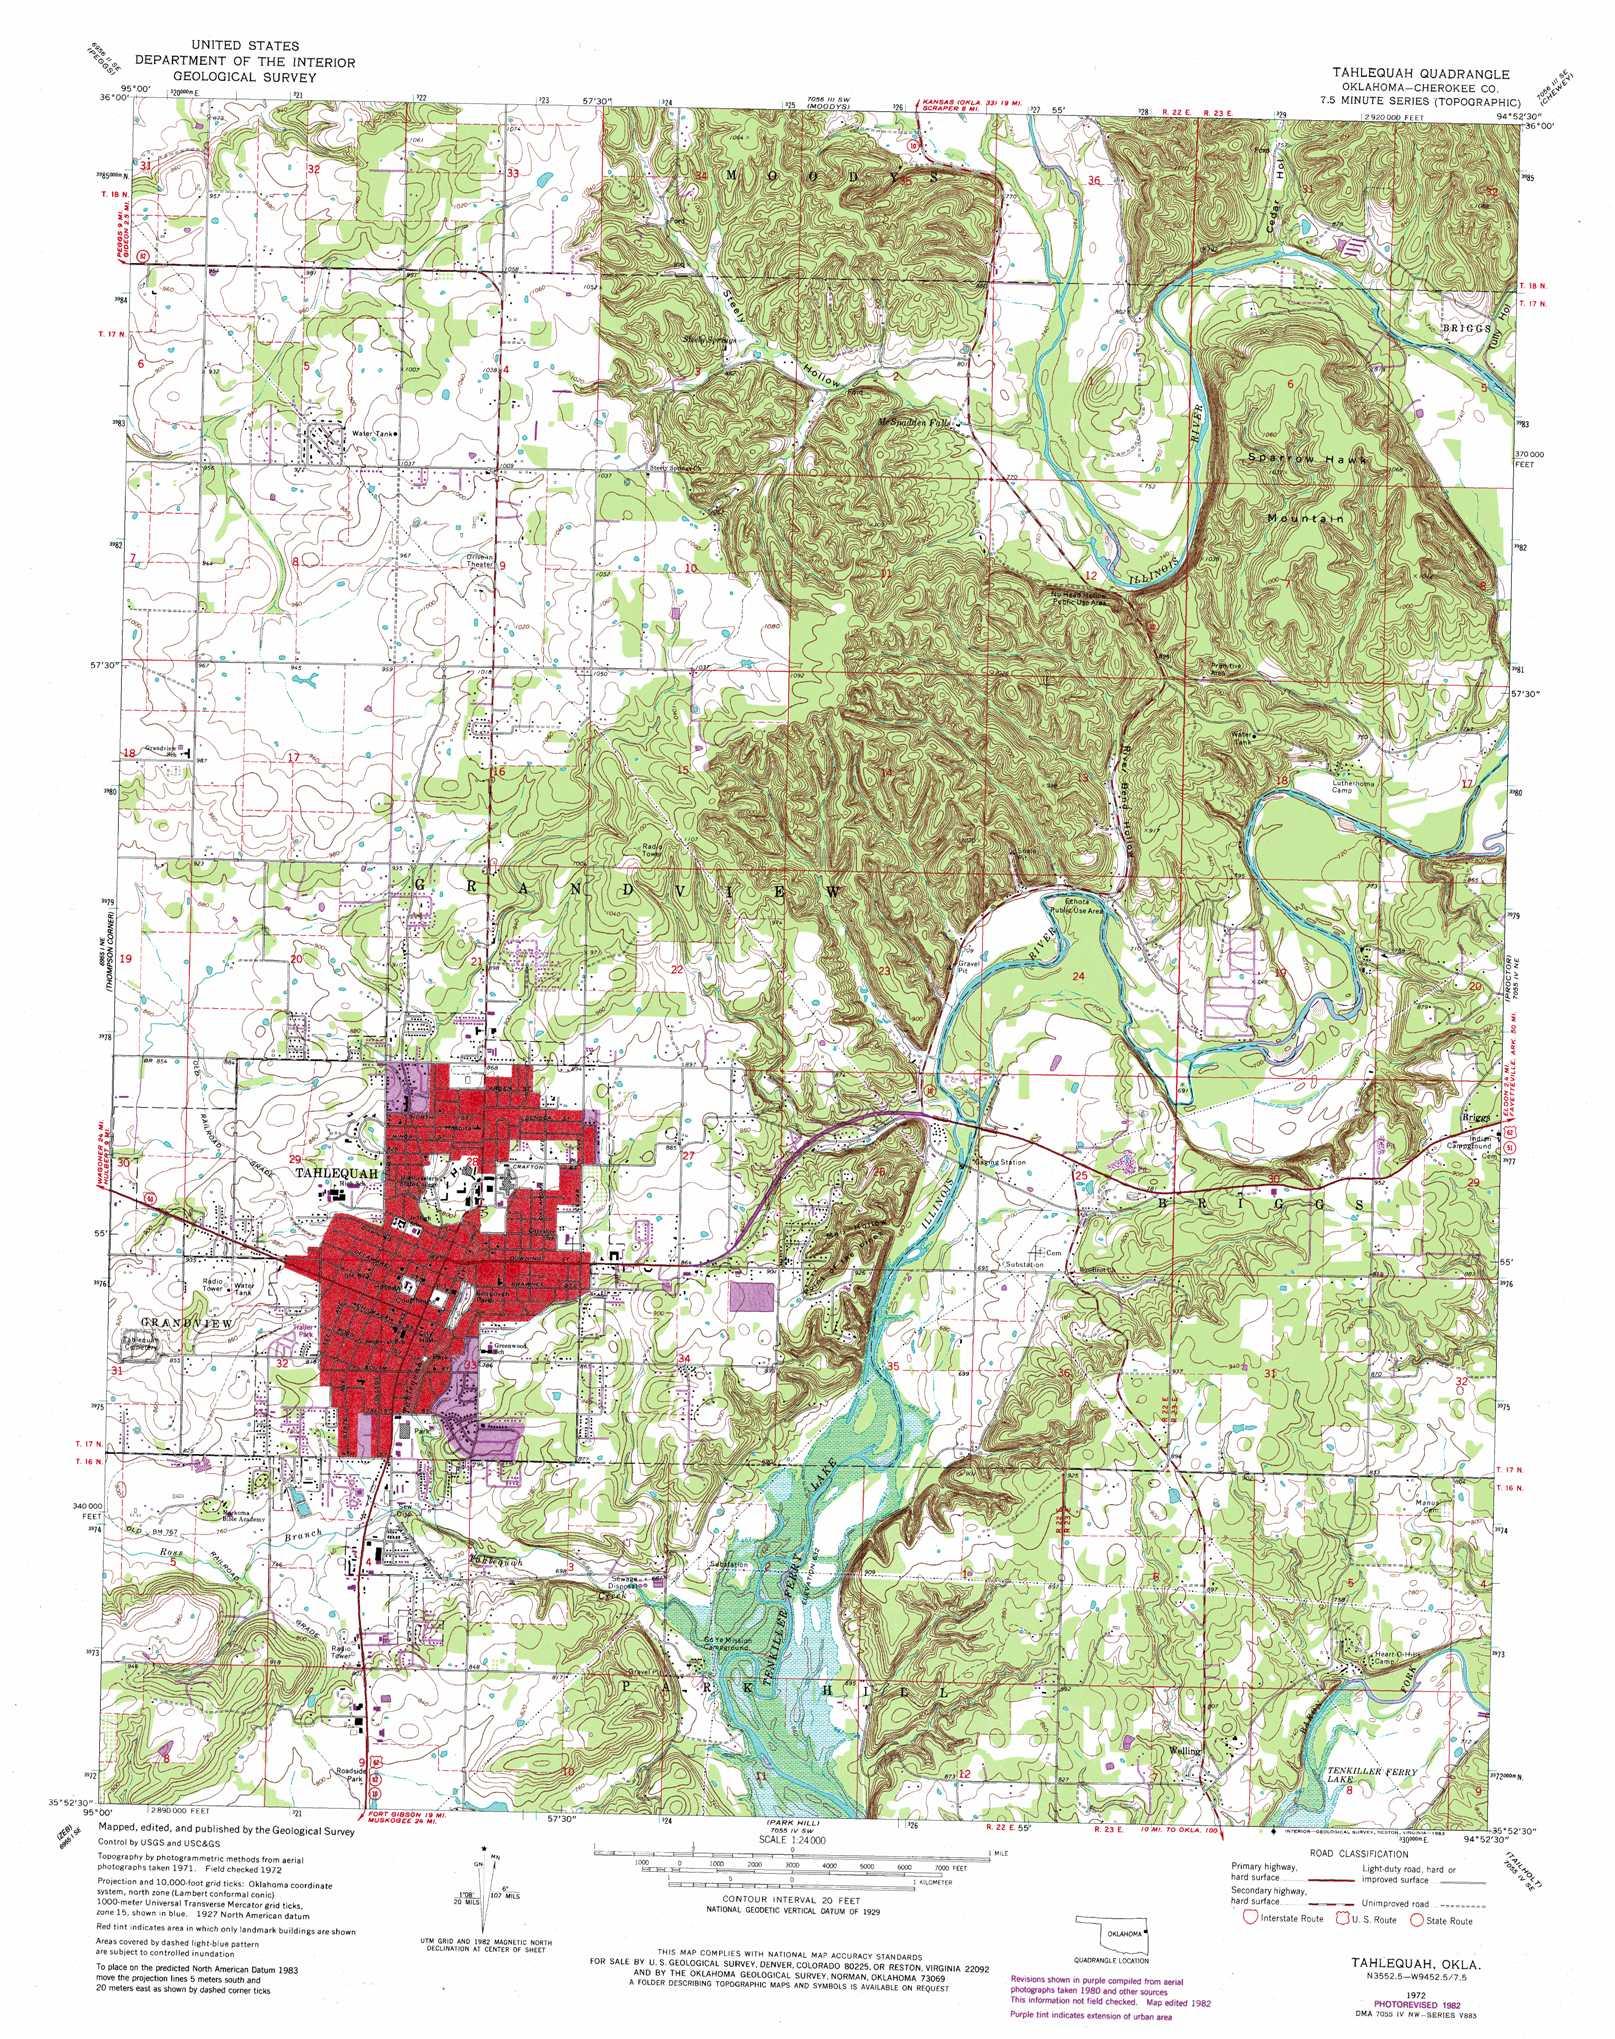 Tahlequah topographic map, OK - USGS Topo Quad 35094h8